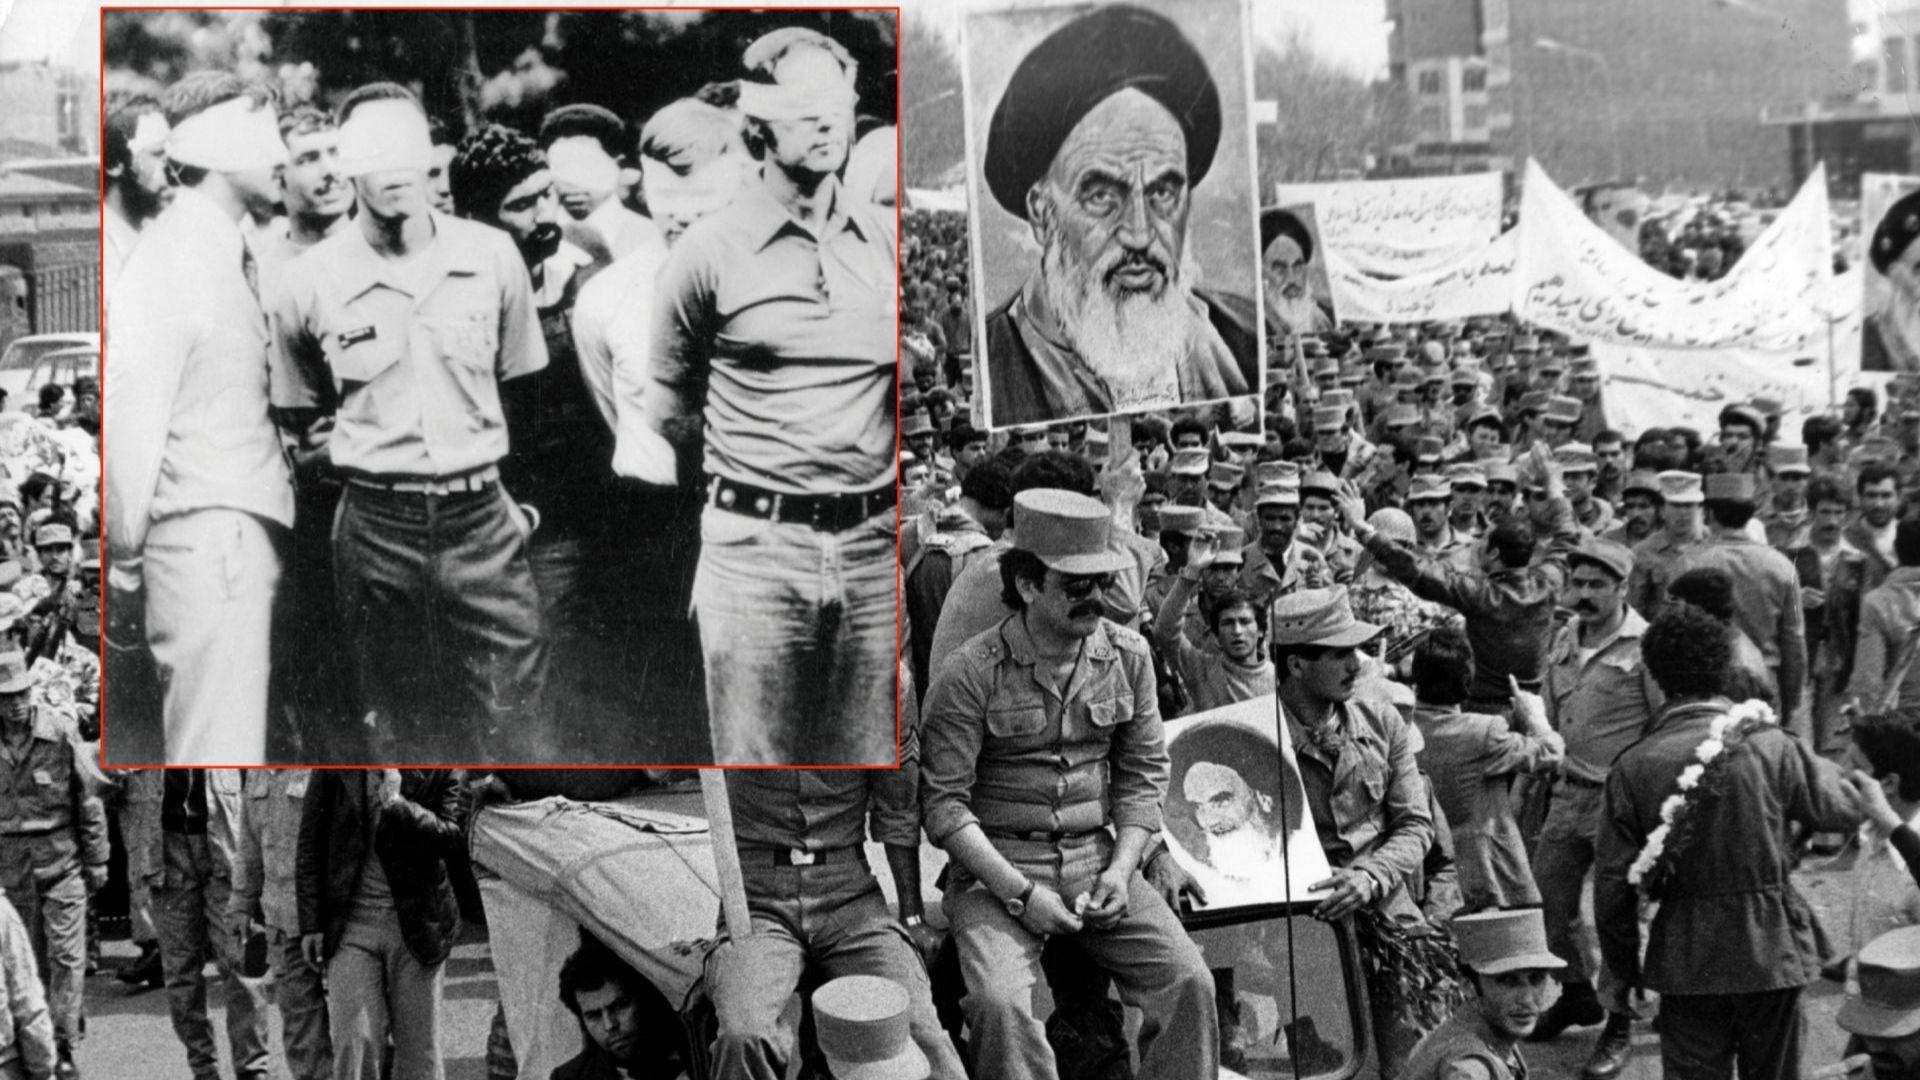 Всичко започва през 1979 г. с Ислямската революция. Тогава в